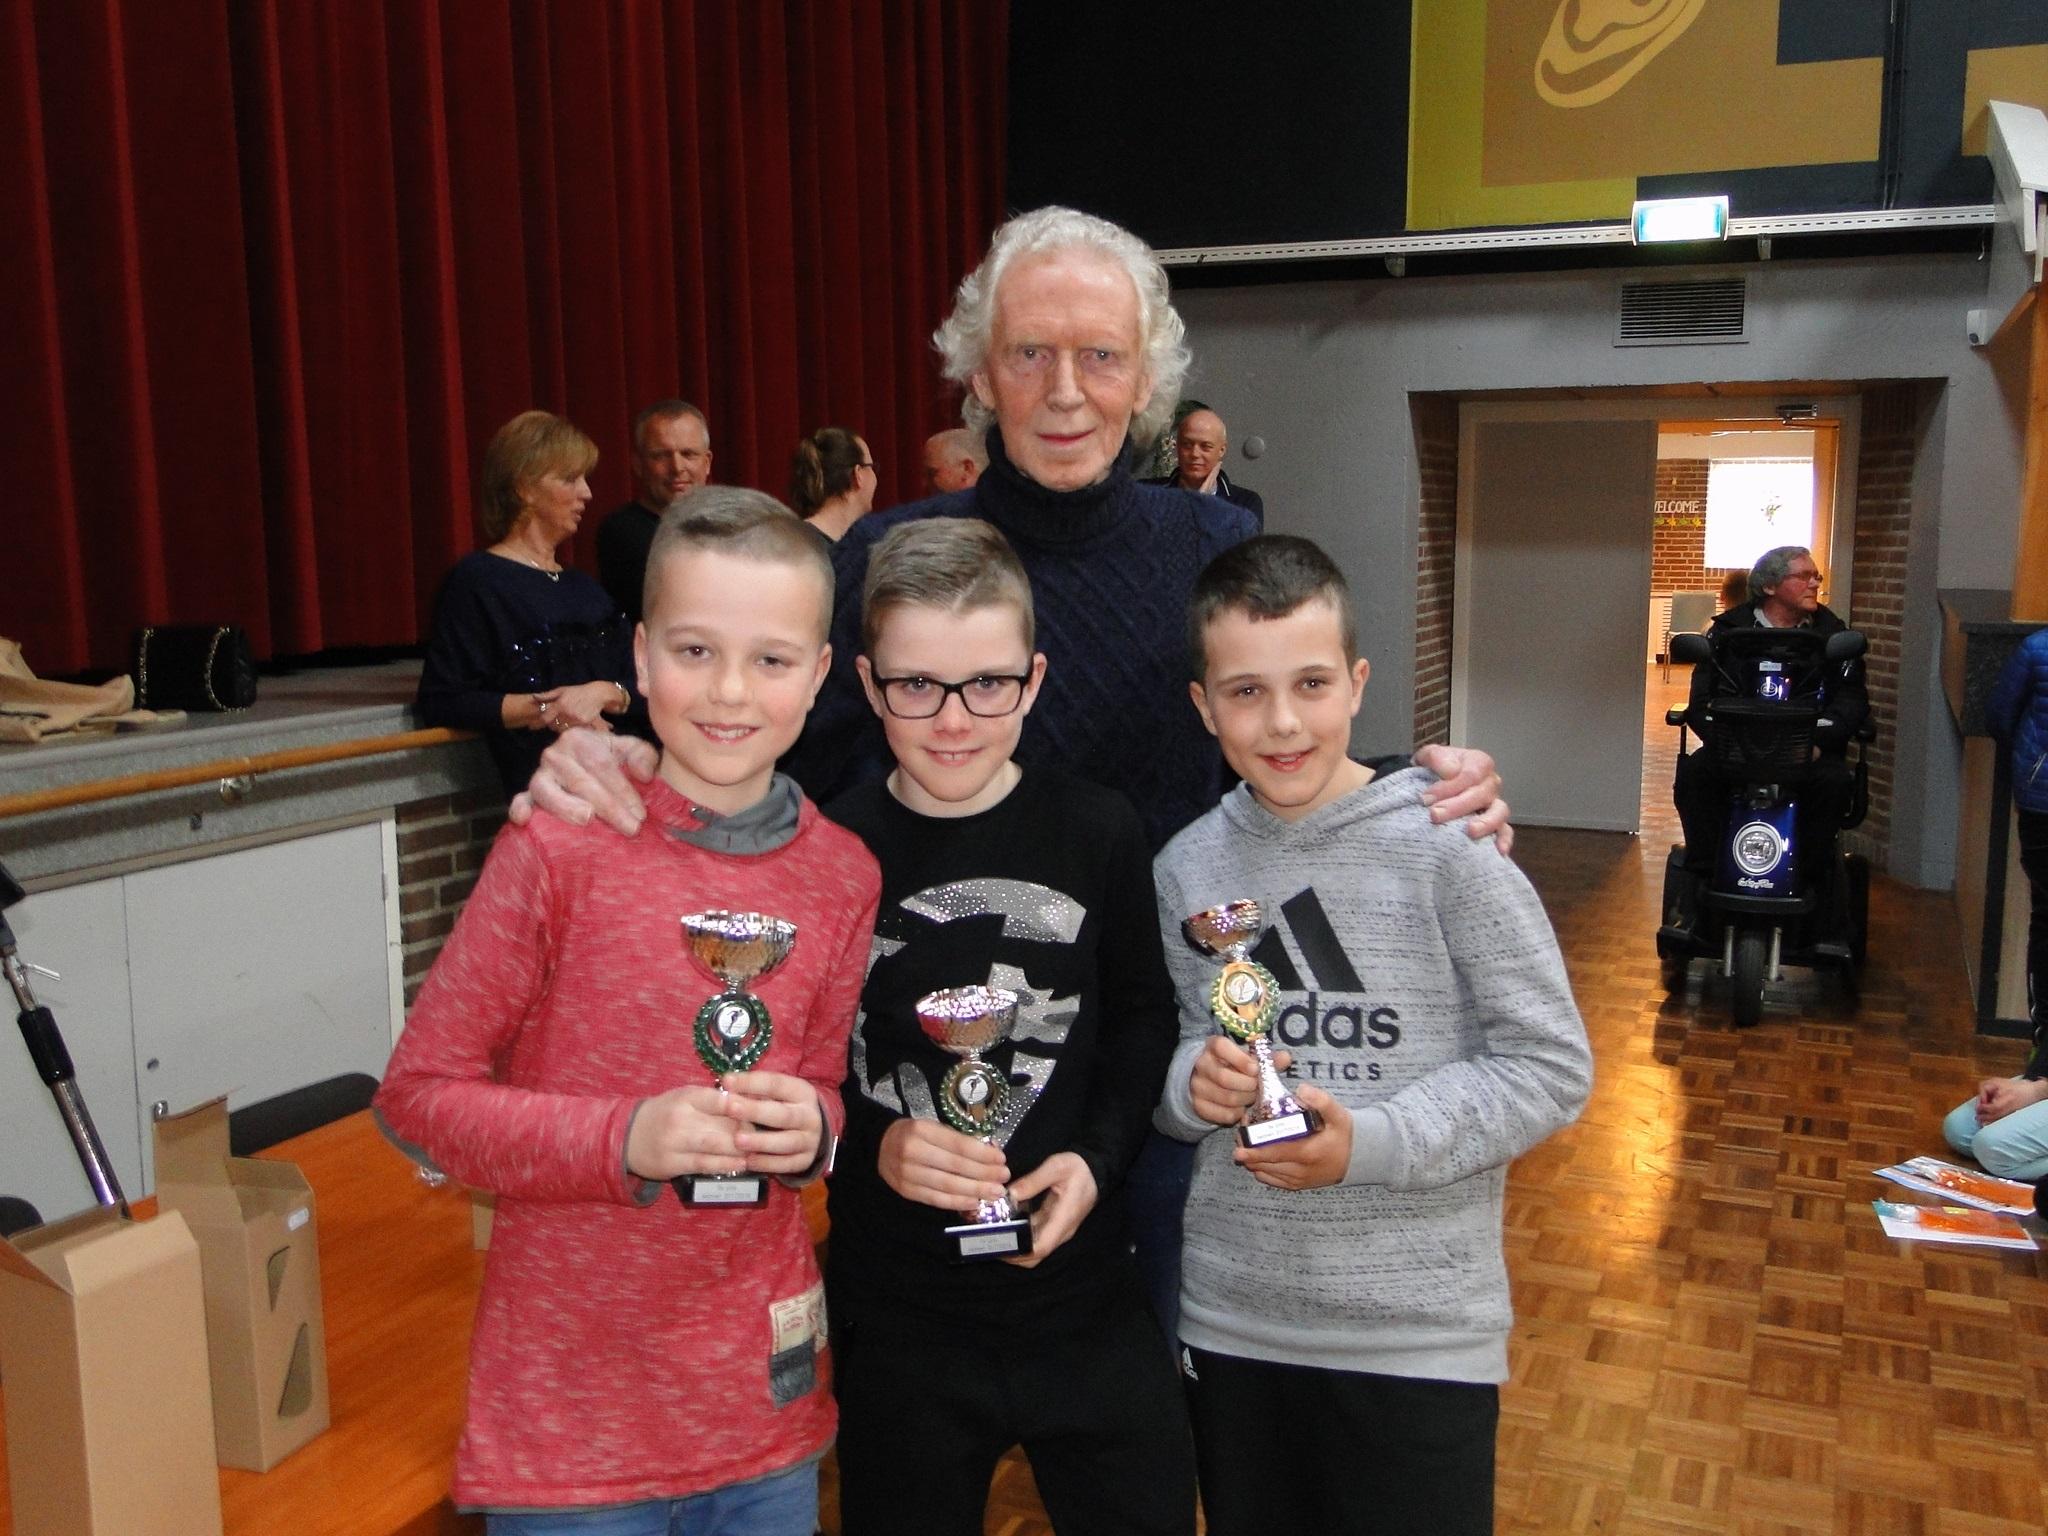 De beste drie van de 'Dirk Kes competitie' dit jaar. V.l.n.r.  Stijn Visser Liam de Wit en Joris Stooker met achter hun begeleider Dirk Kes. ( Foto: Pep)